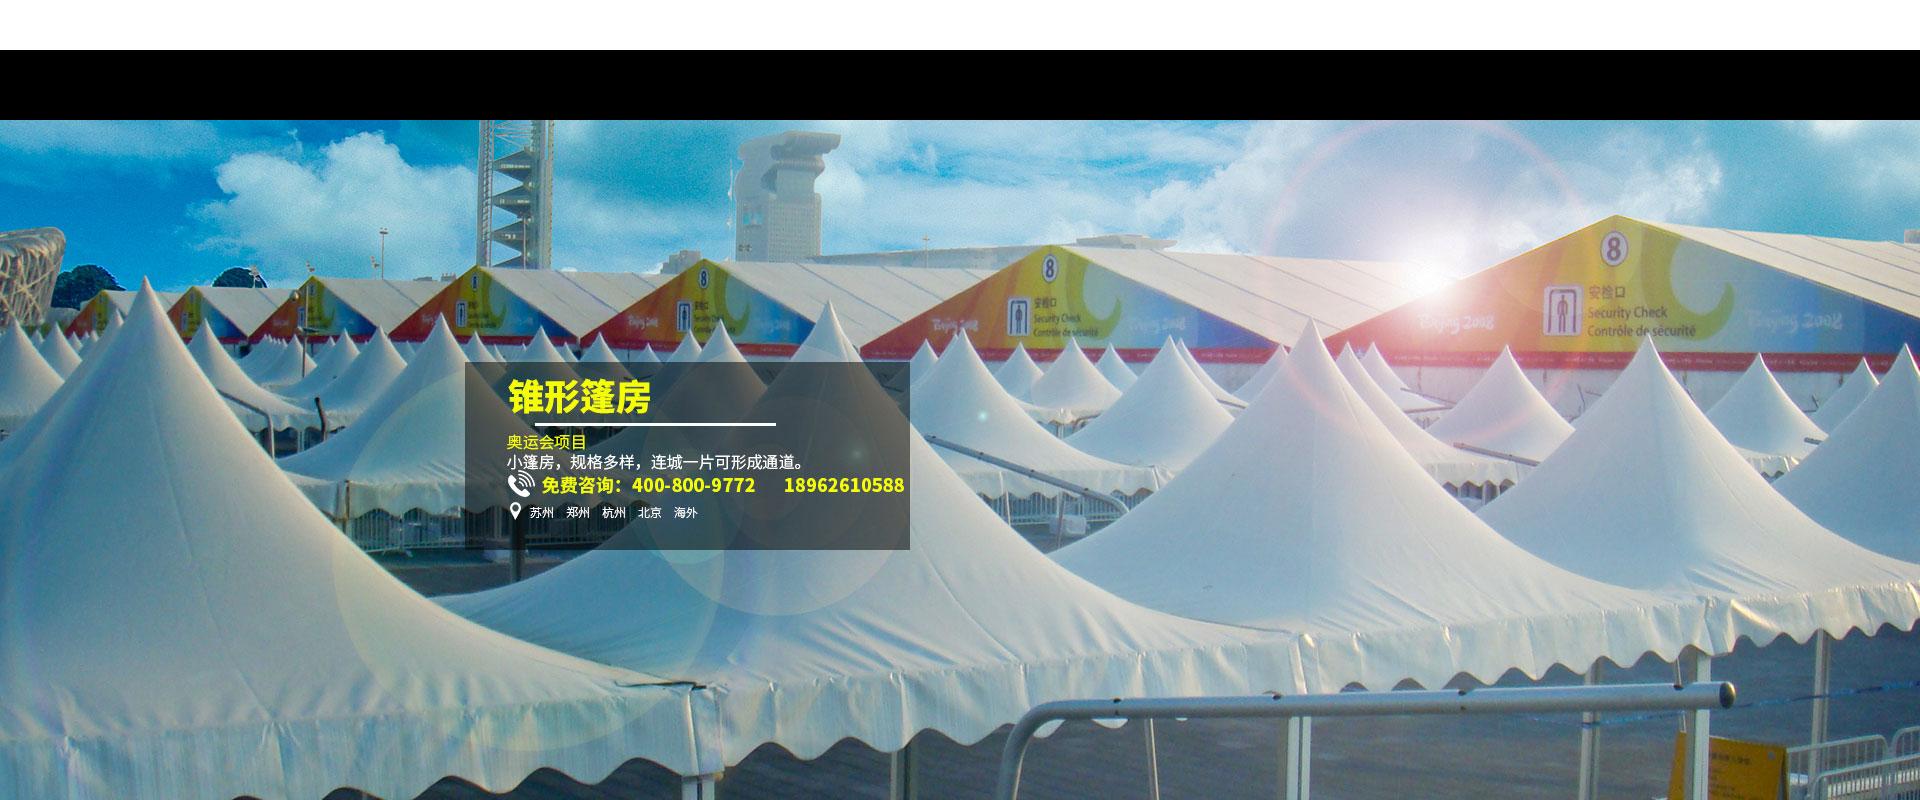 威斯伯特奧運會項目篷房